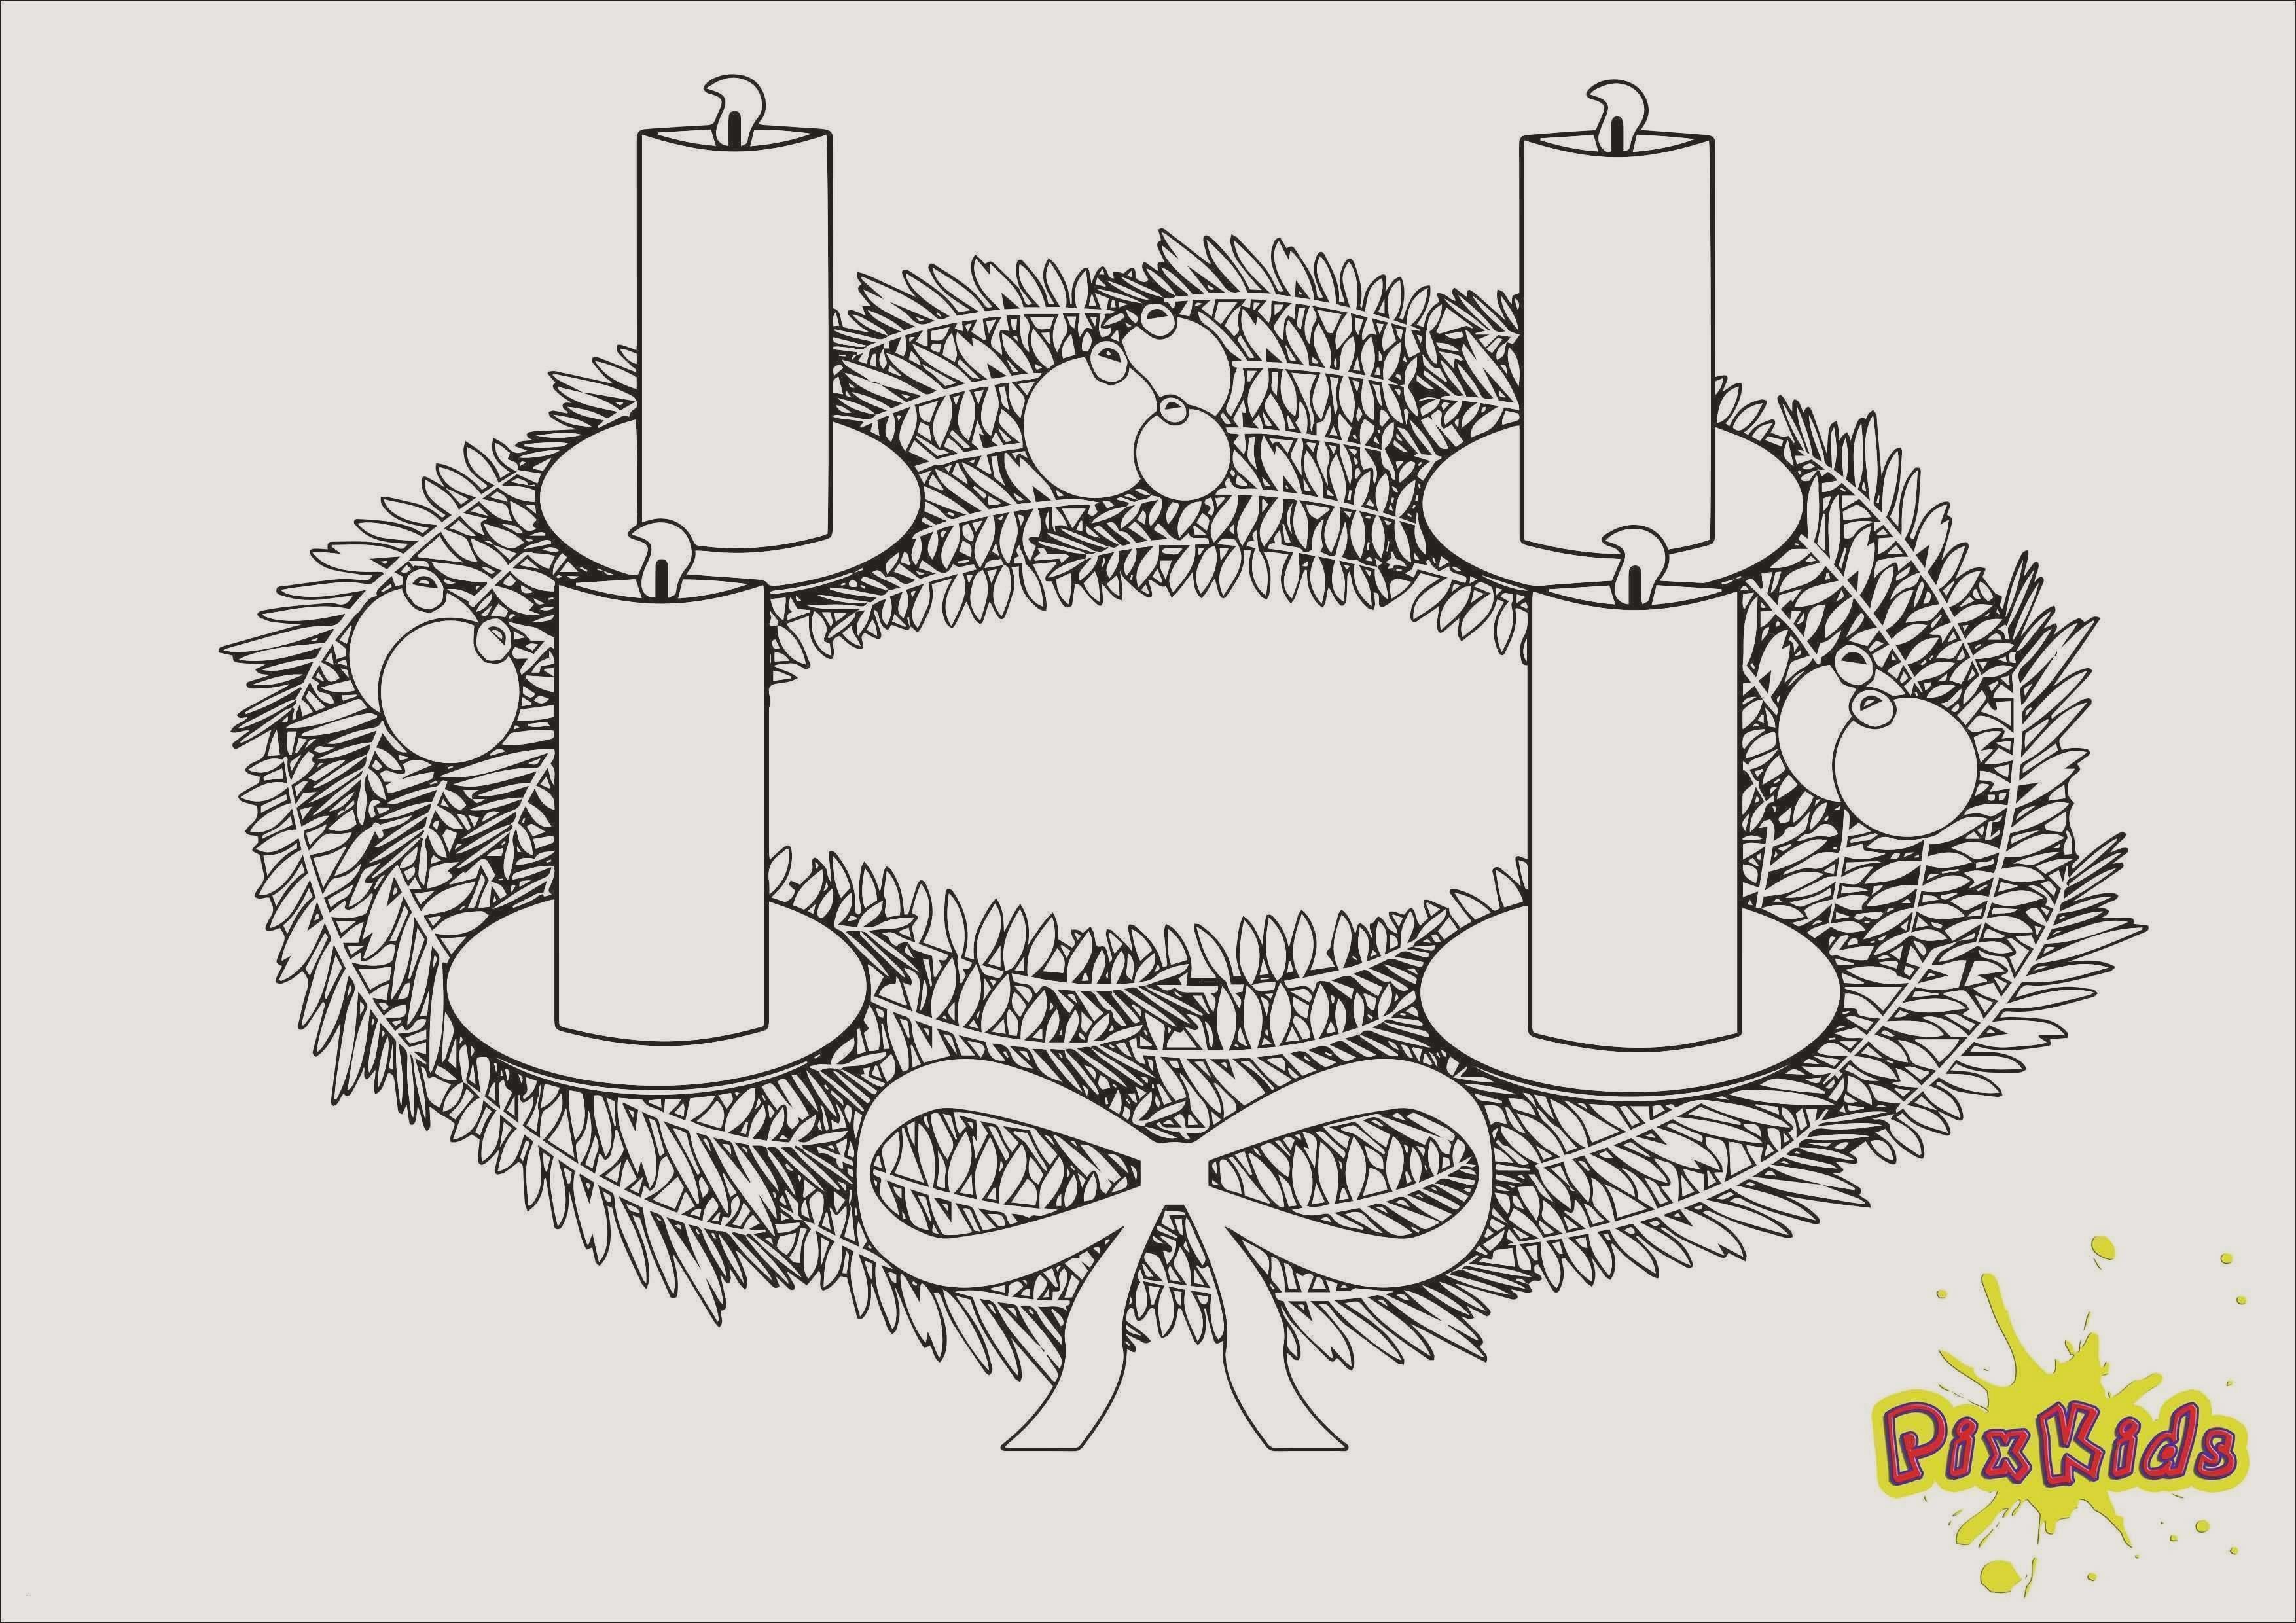 1001 Ausmalbilder Weihnachten Genial 99 Schneeflocke Zum Ausmalen Ideen Wallpaperzen Das Bild